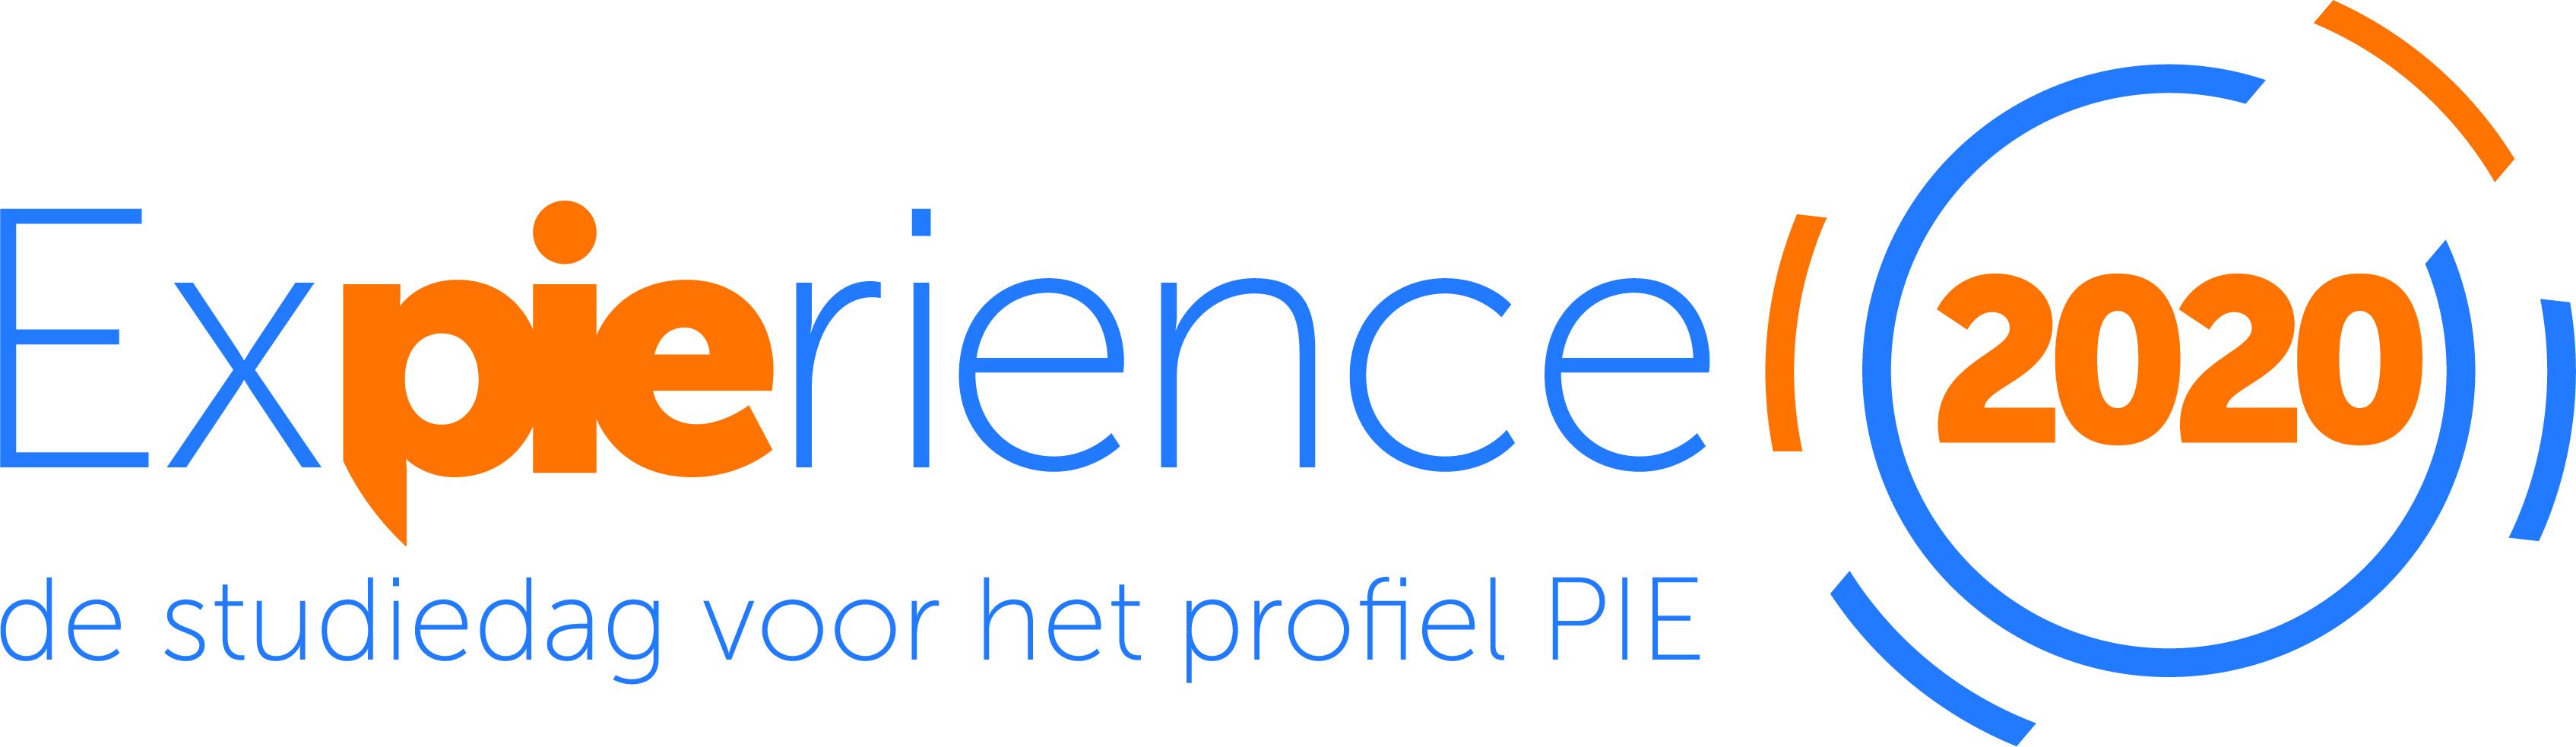 Logo_ExPIErience2020.jpg